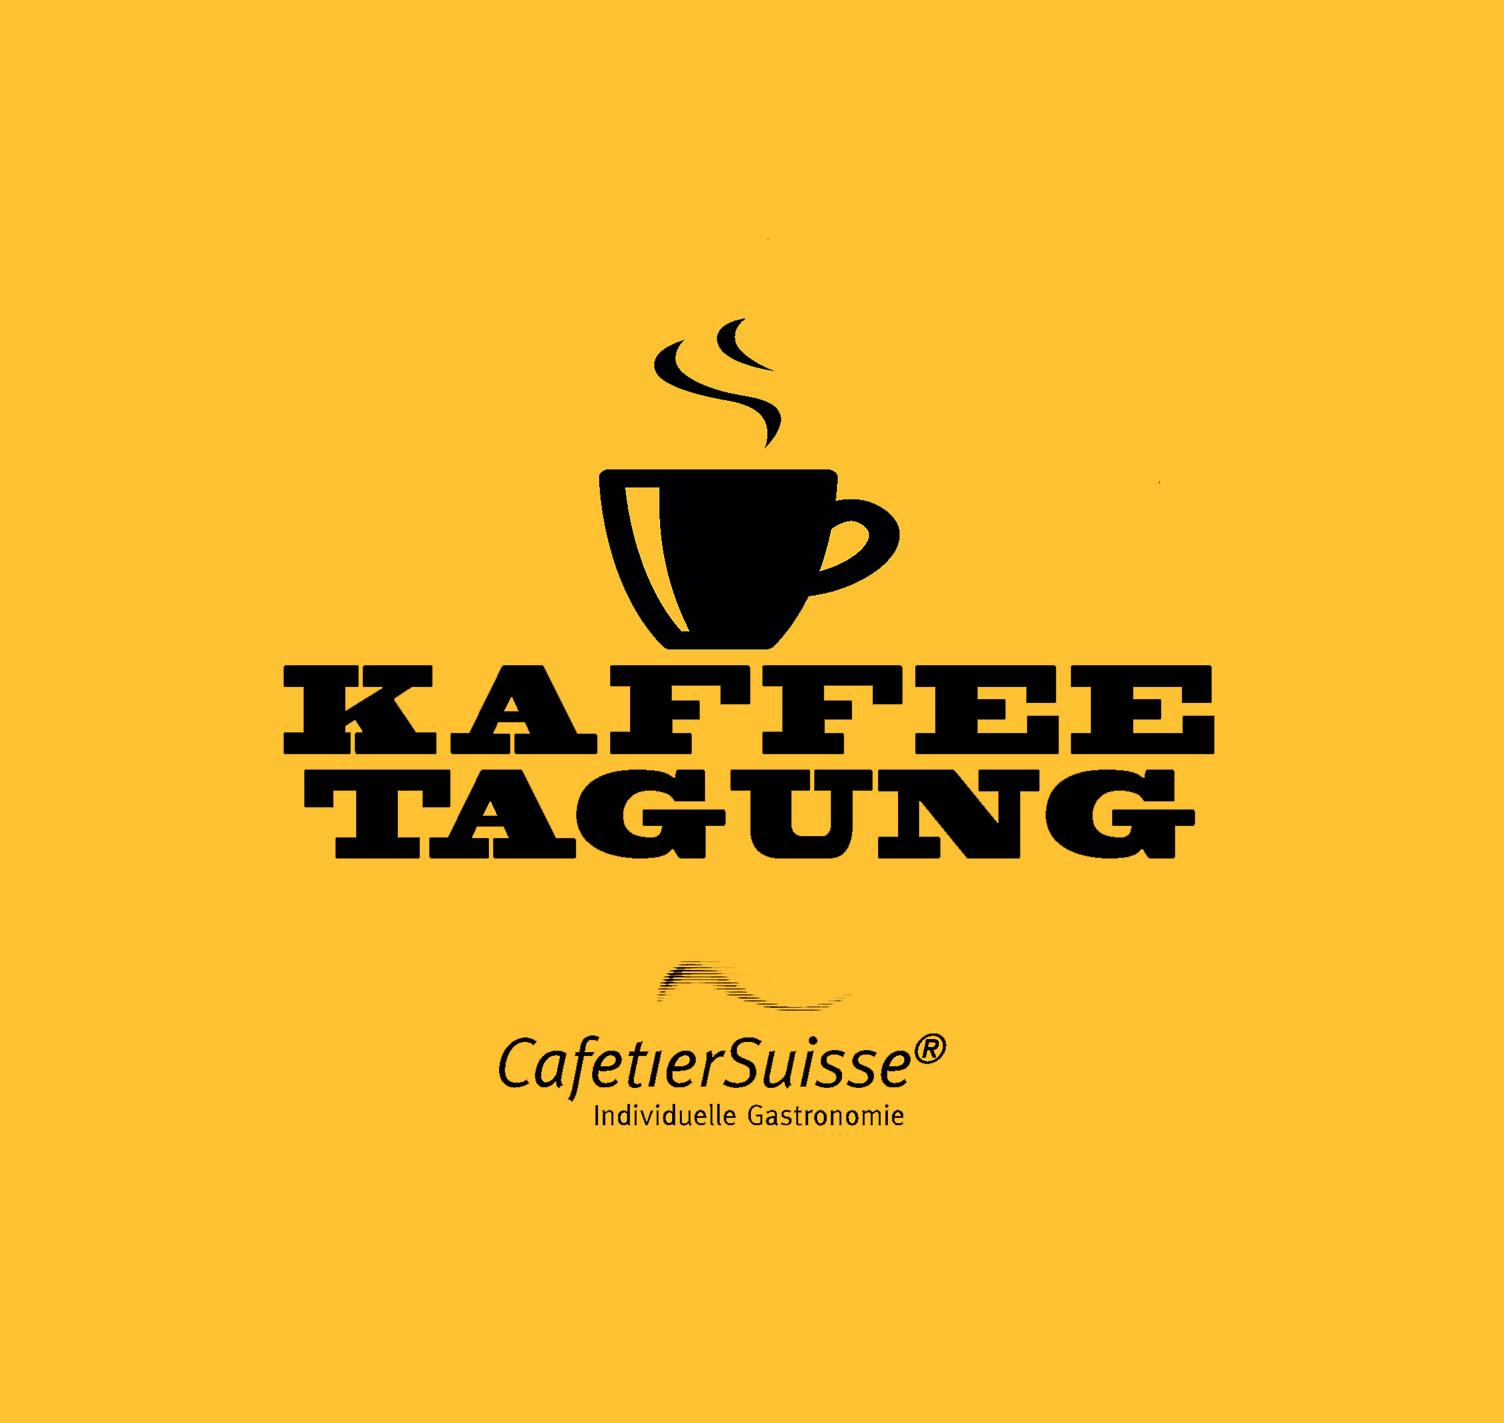 5. Kaffeetagung by CafetierSuisse - CafetierSuisse 3